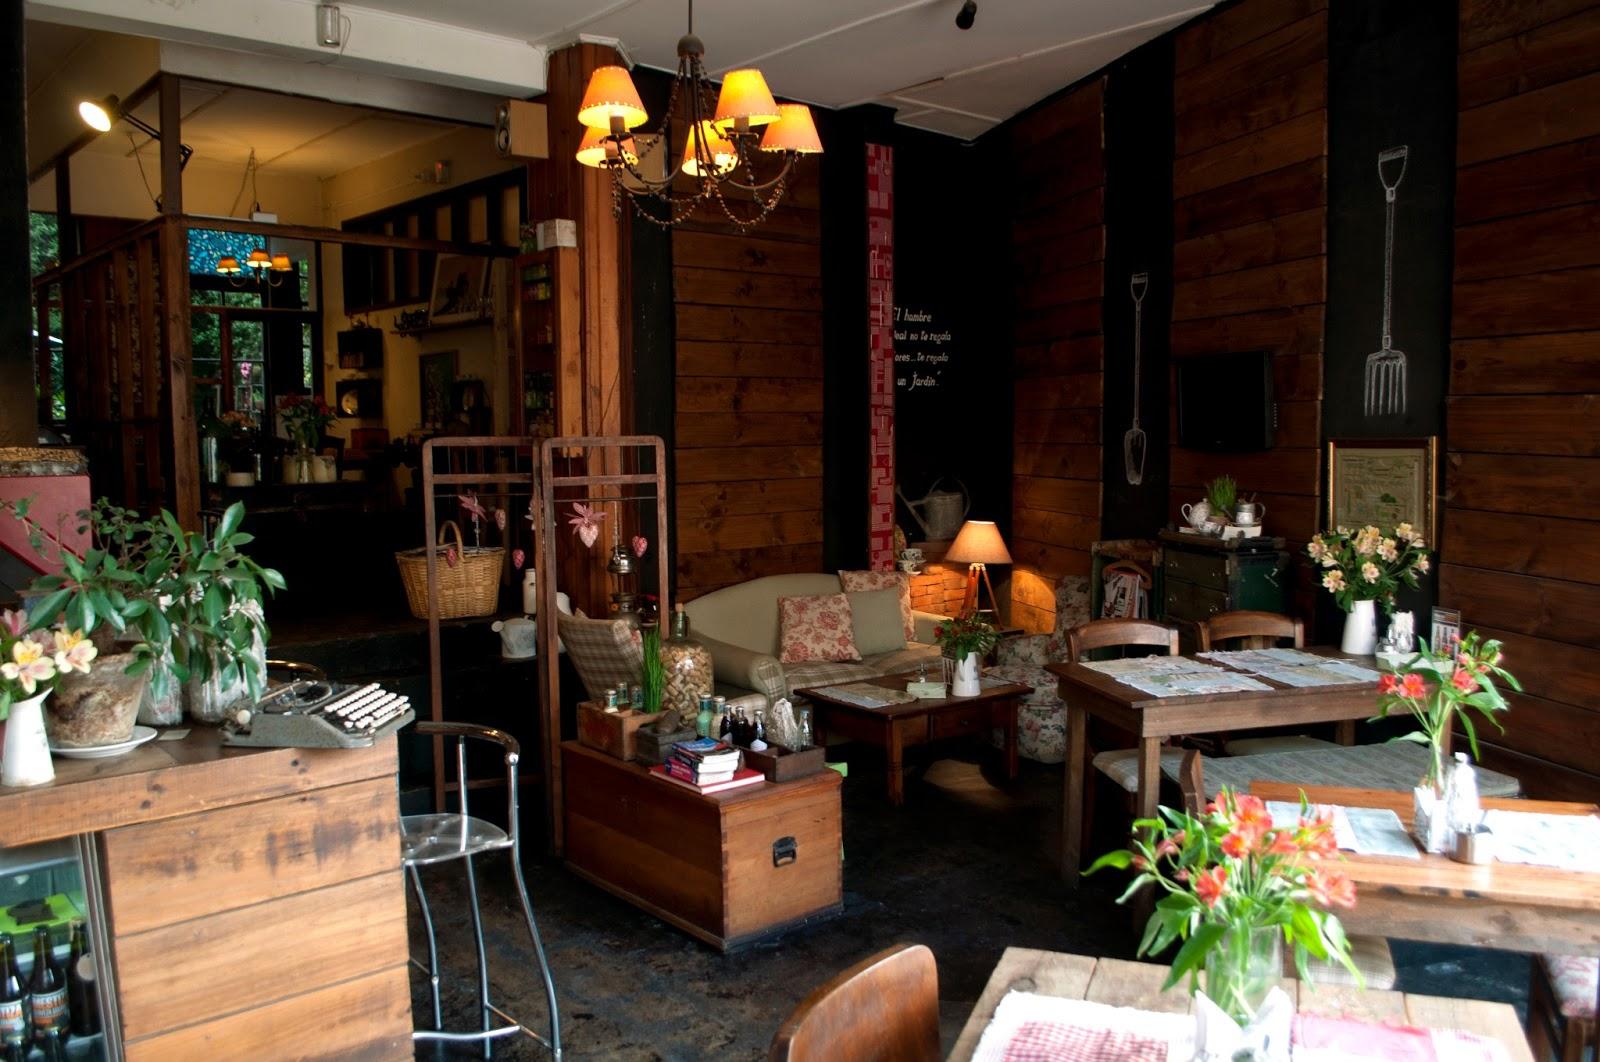 Caf del jard n for Bistro del jardin mallorca